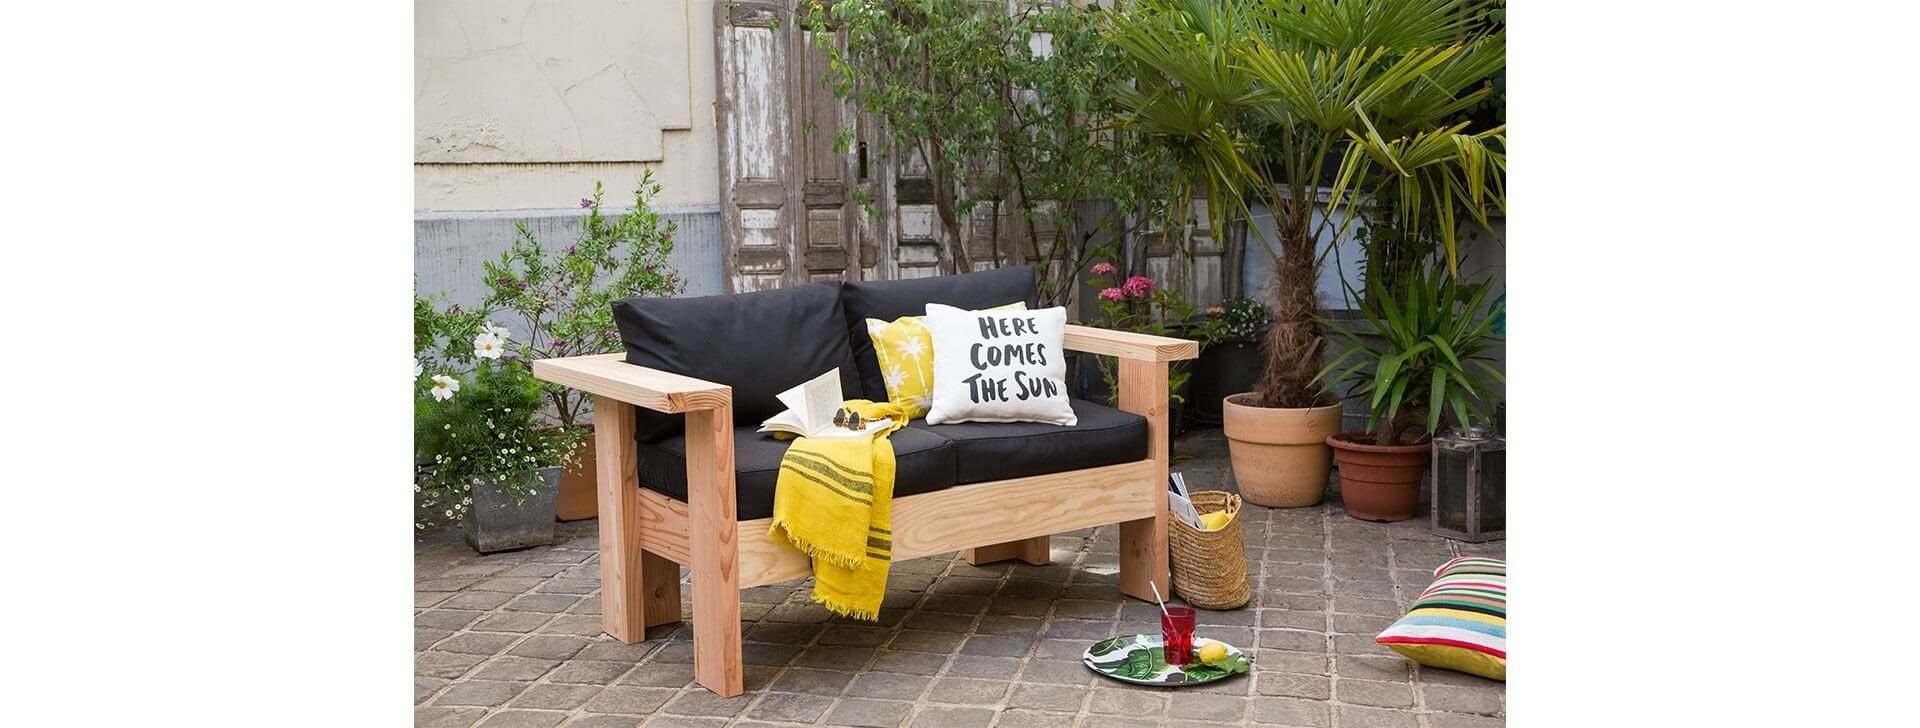 Tutoriel vidéo pour fabriquer un canapé, salon de jardin